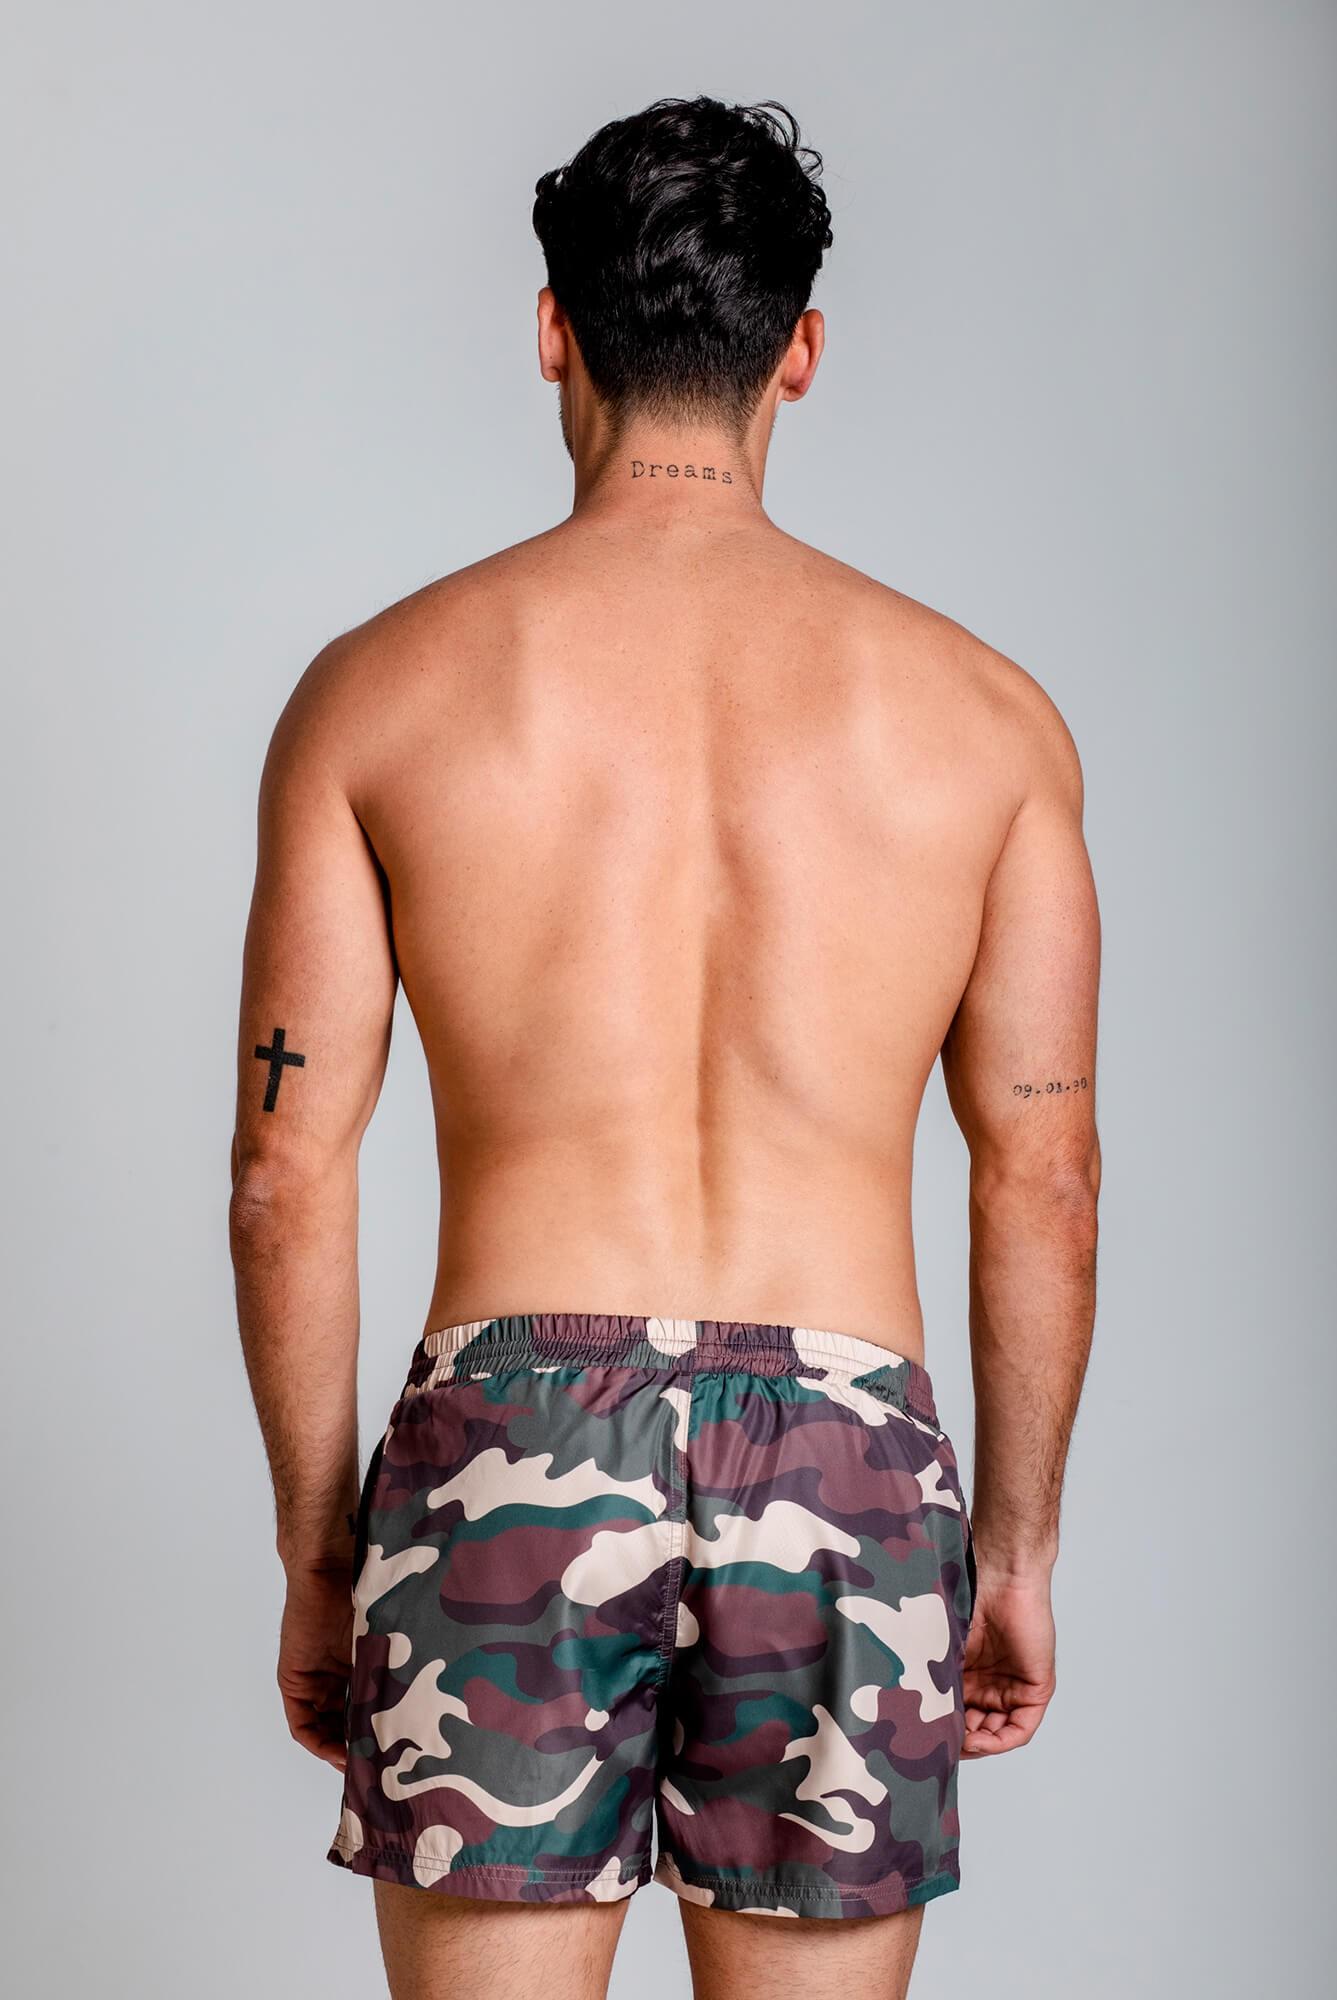 Bañador clásico para hombre, estampado camuflaje. Estilo urbano ELIU streetwear.